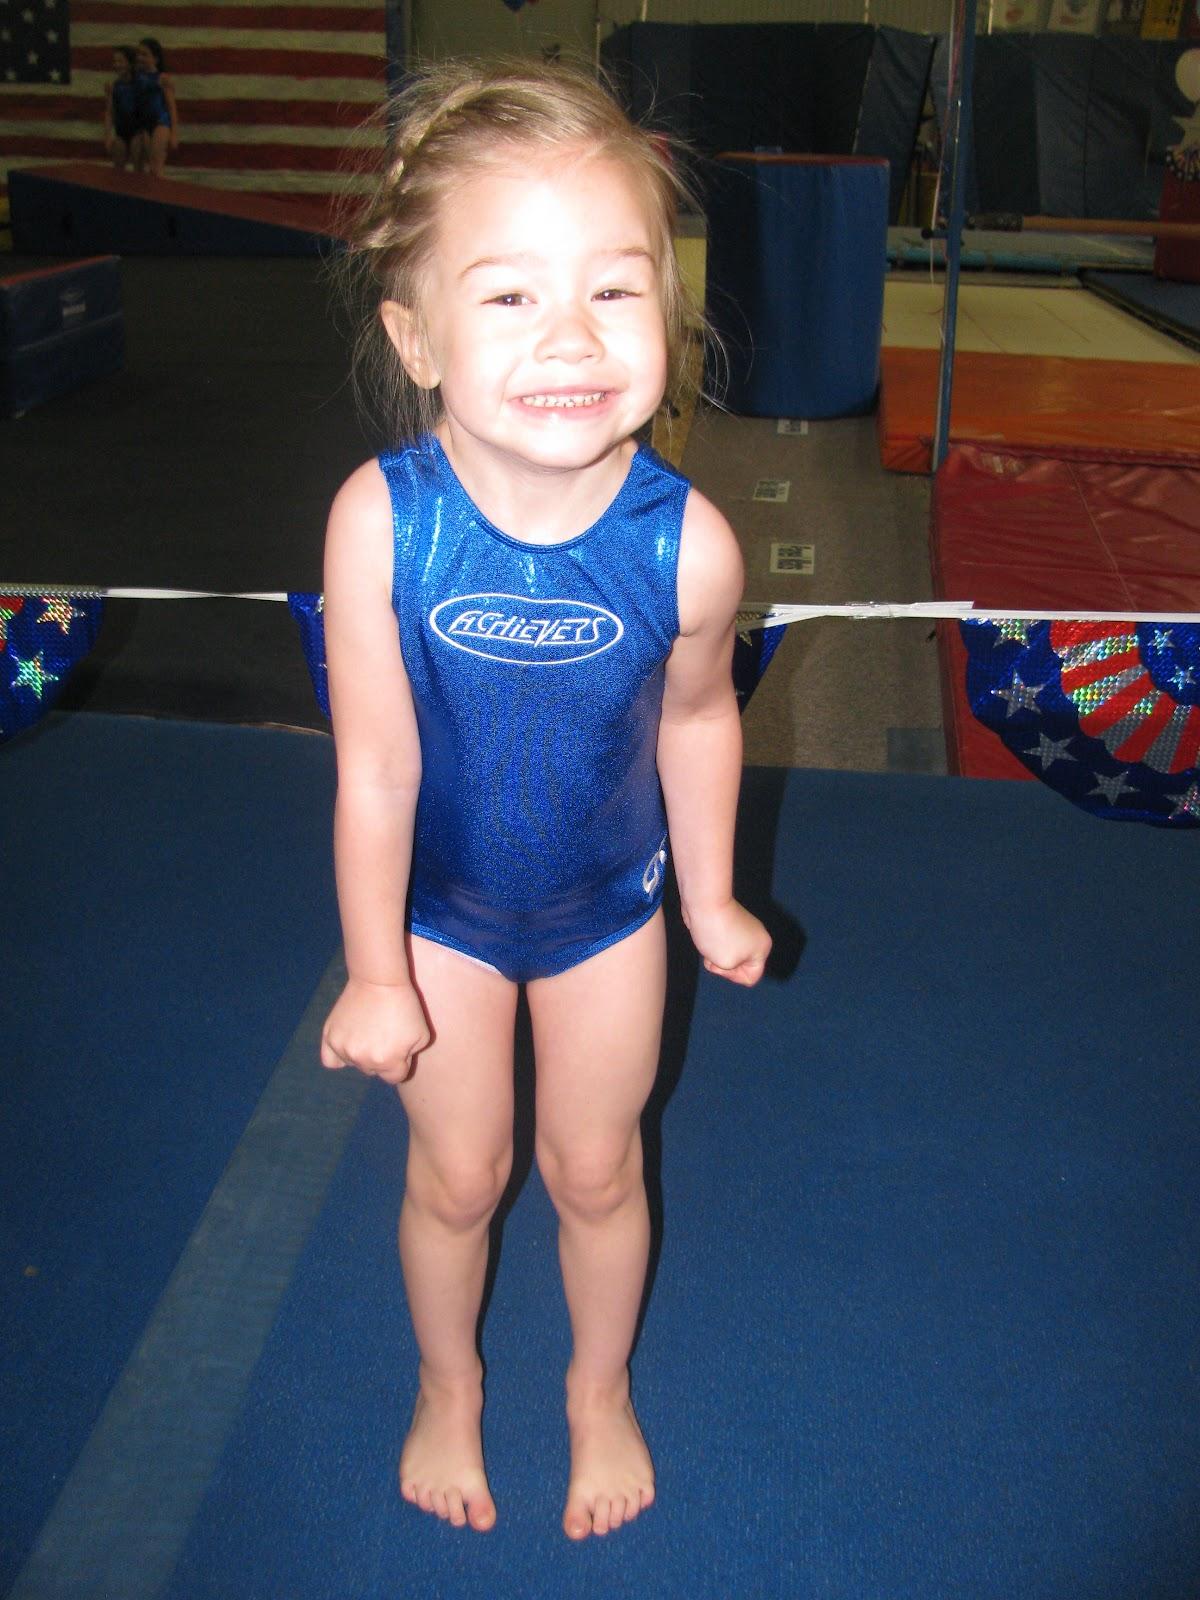 little adorable gymnast leotard